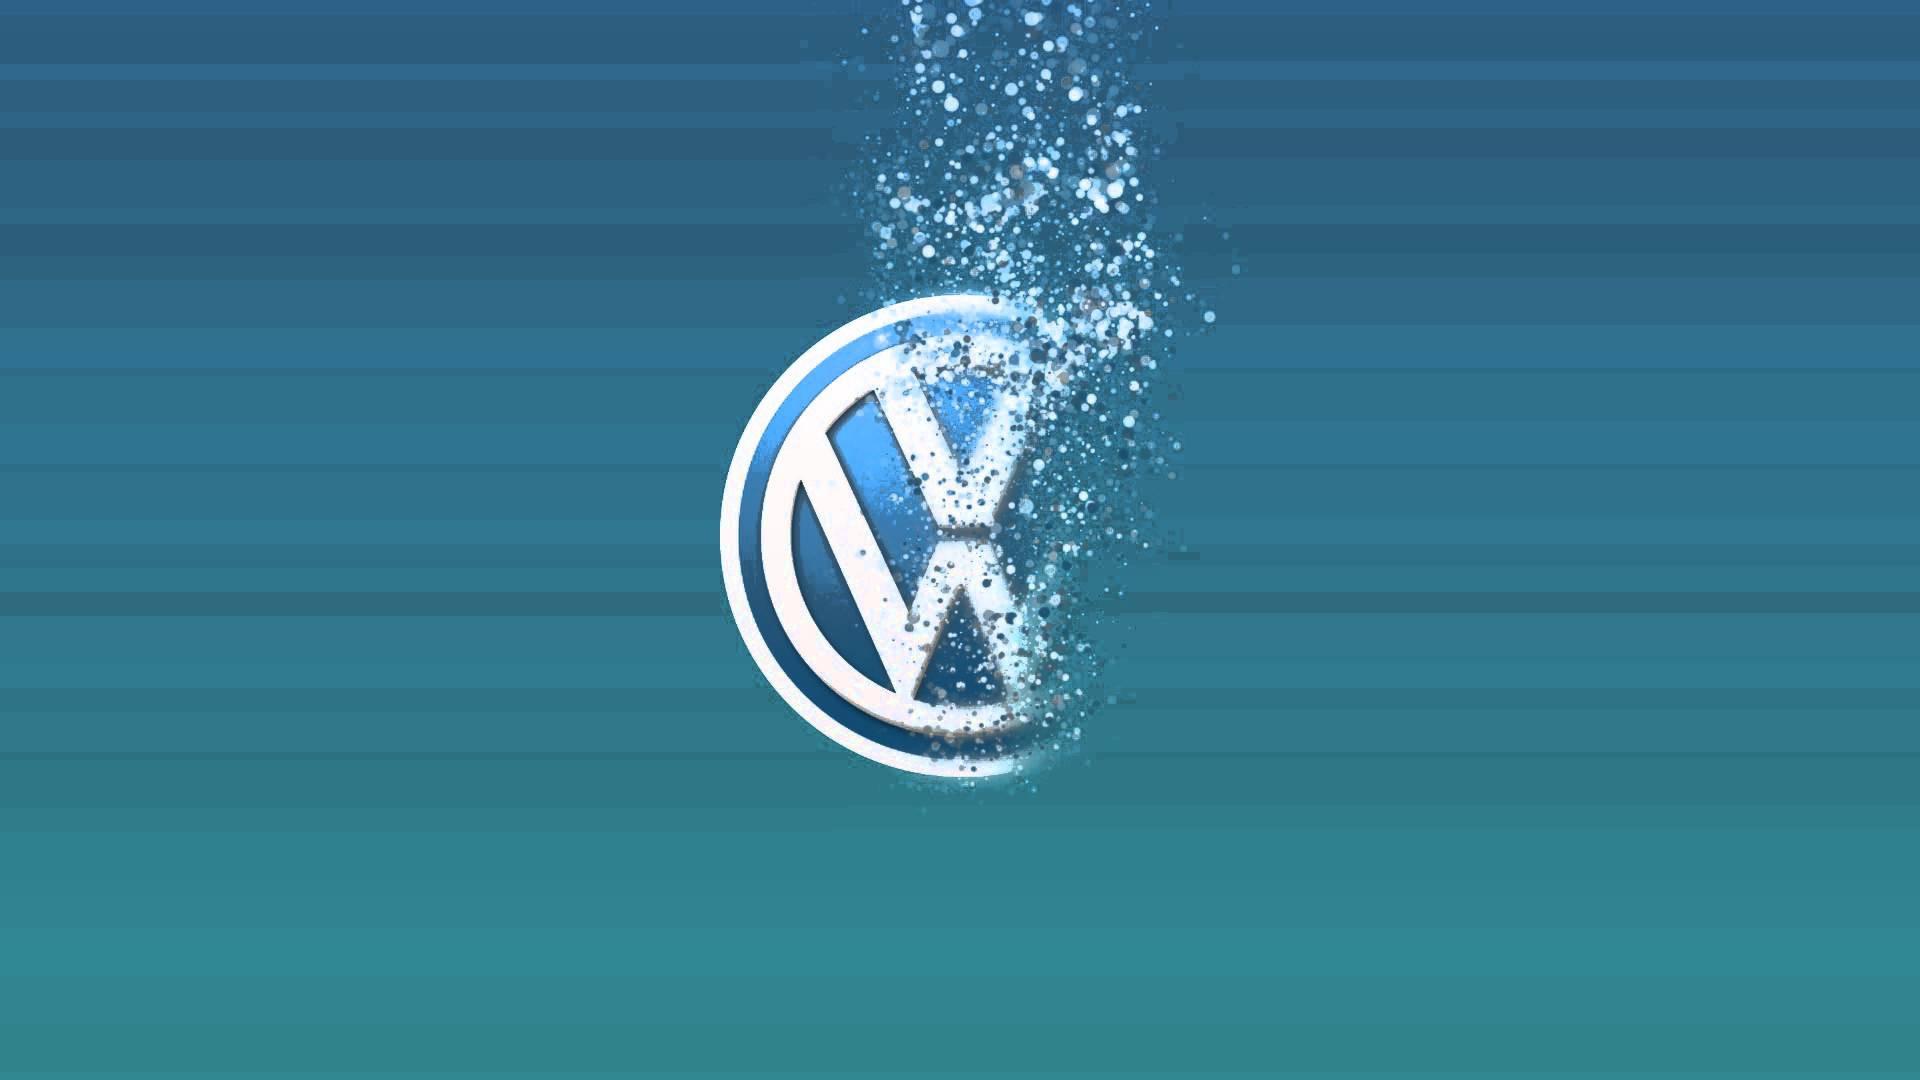 65 Volkswagen Logo Wallpapers on WallpaperPlay 1920x1080